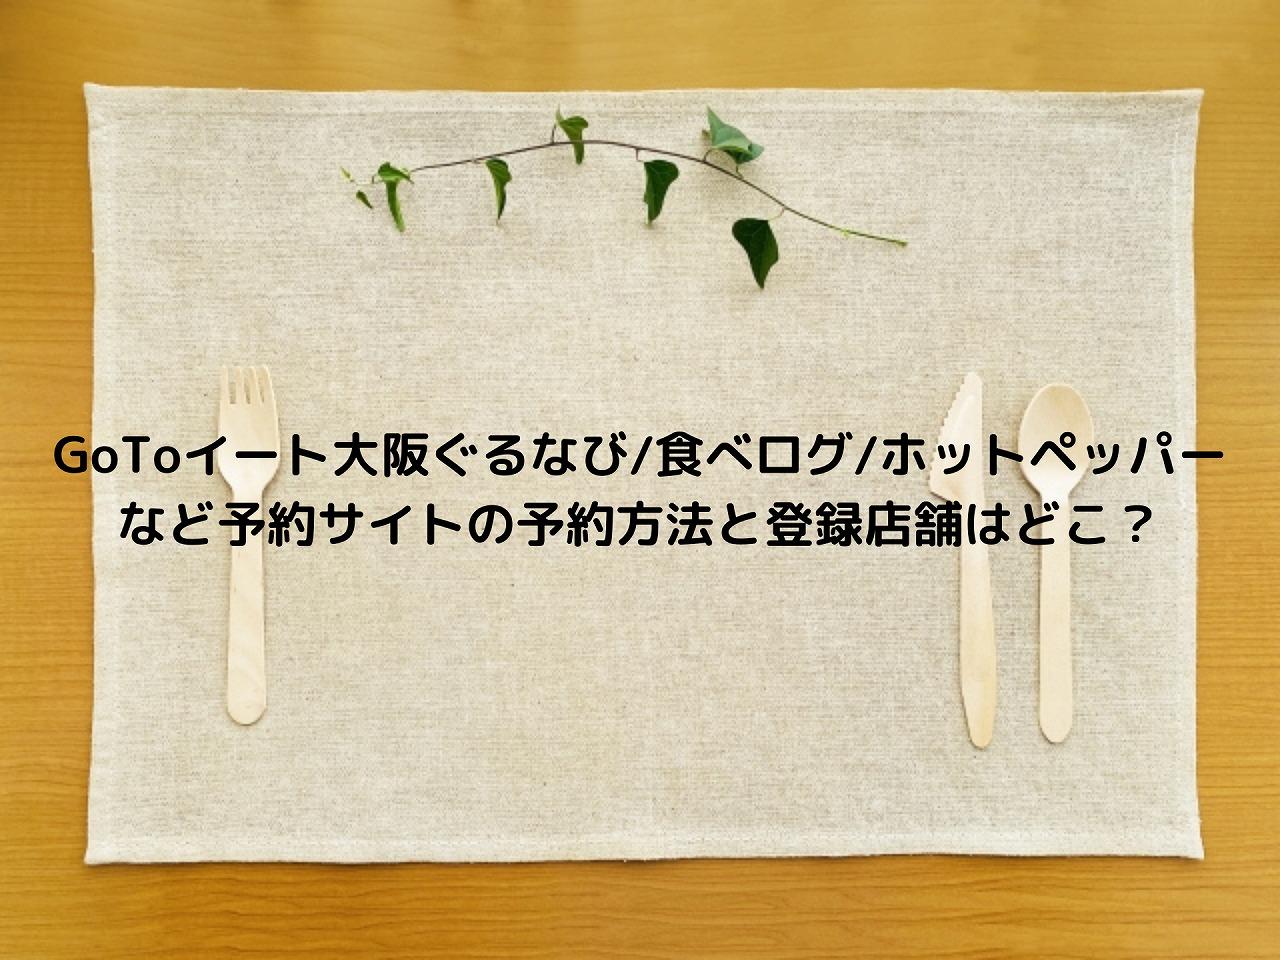 大阪 イート go to